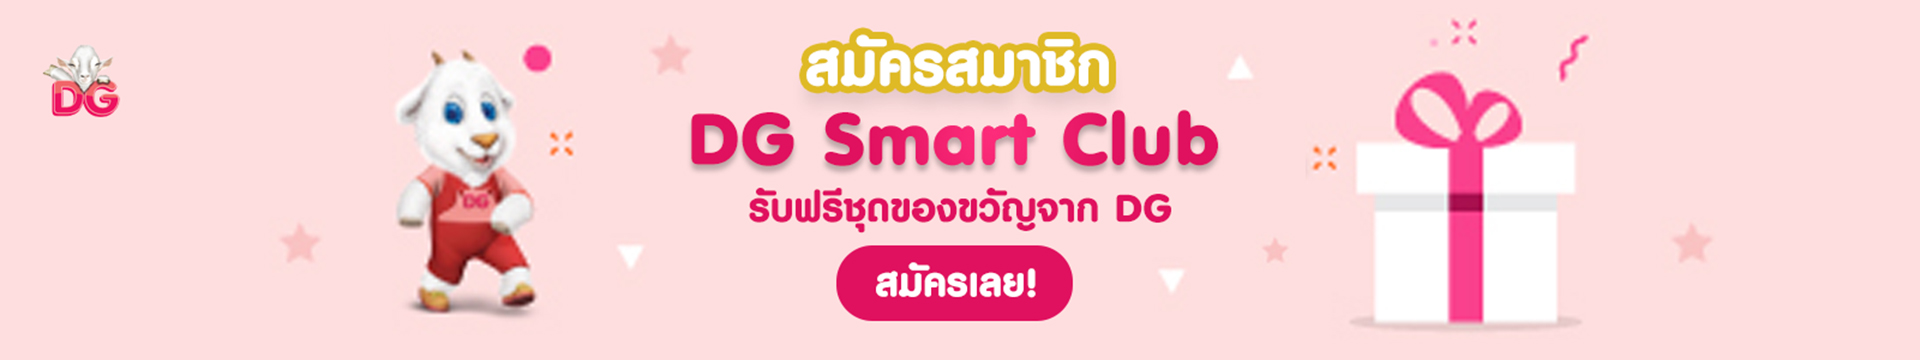 DG Smart Club Member